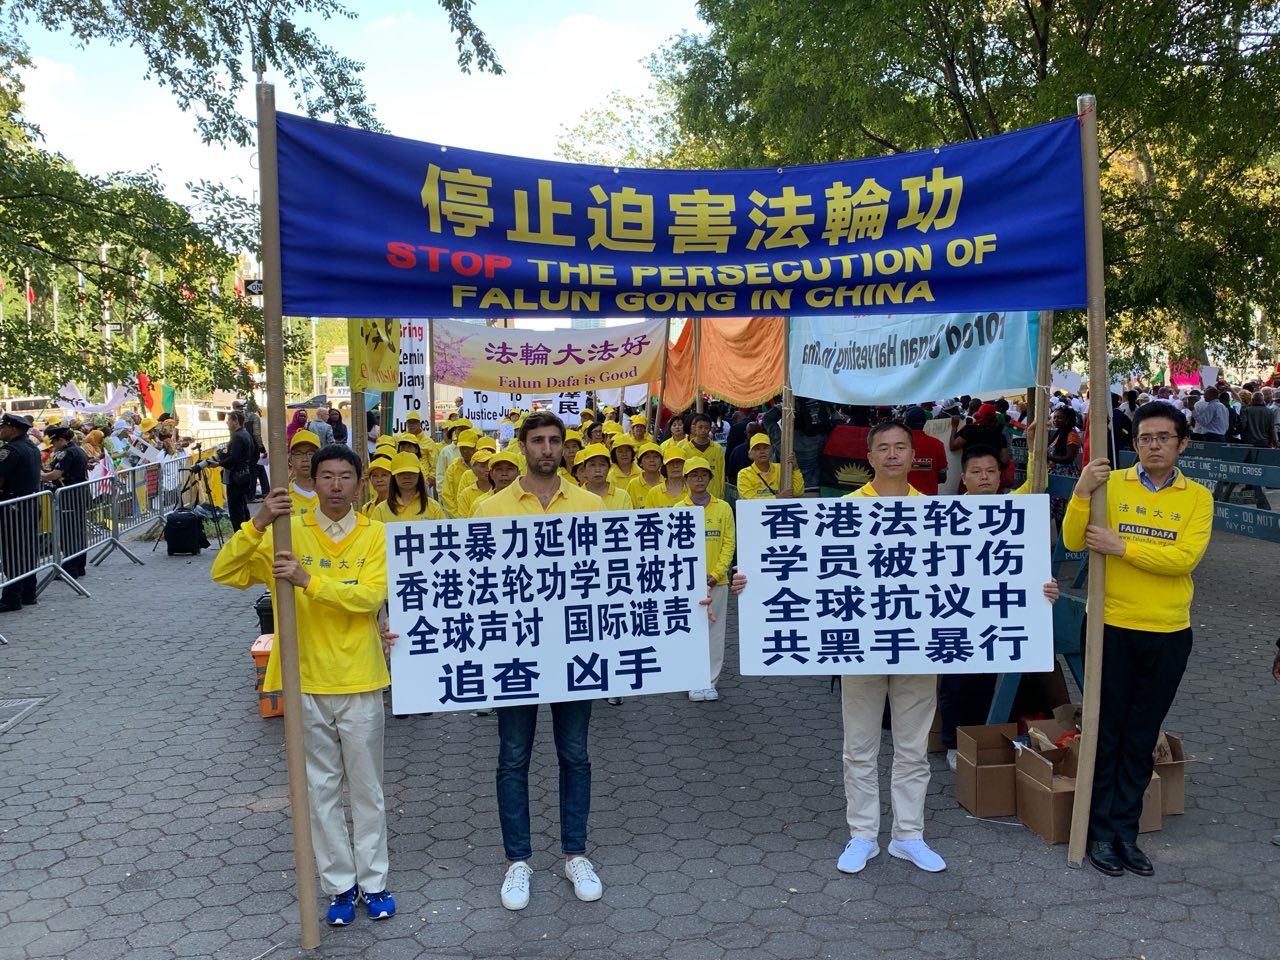 在紐約聯合國總部外,一連5天在聯合國大會期間和平表達制止迫害訴求的紐約法輪功學員,紛紛譴責中共打手在香港的卑鄙行徑,同時呼籲世界各國政府關注,共同制裁中共。(大紀元)